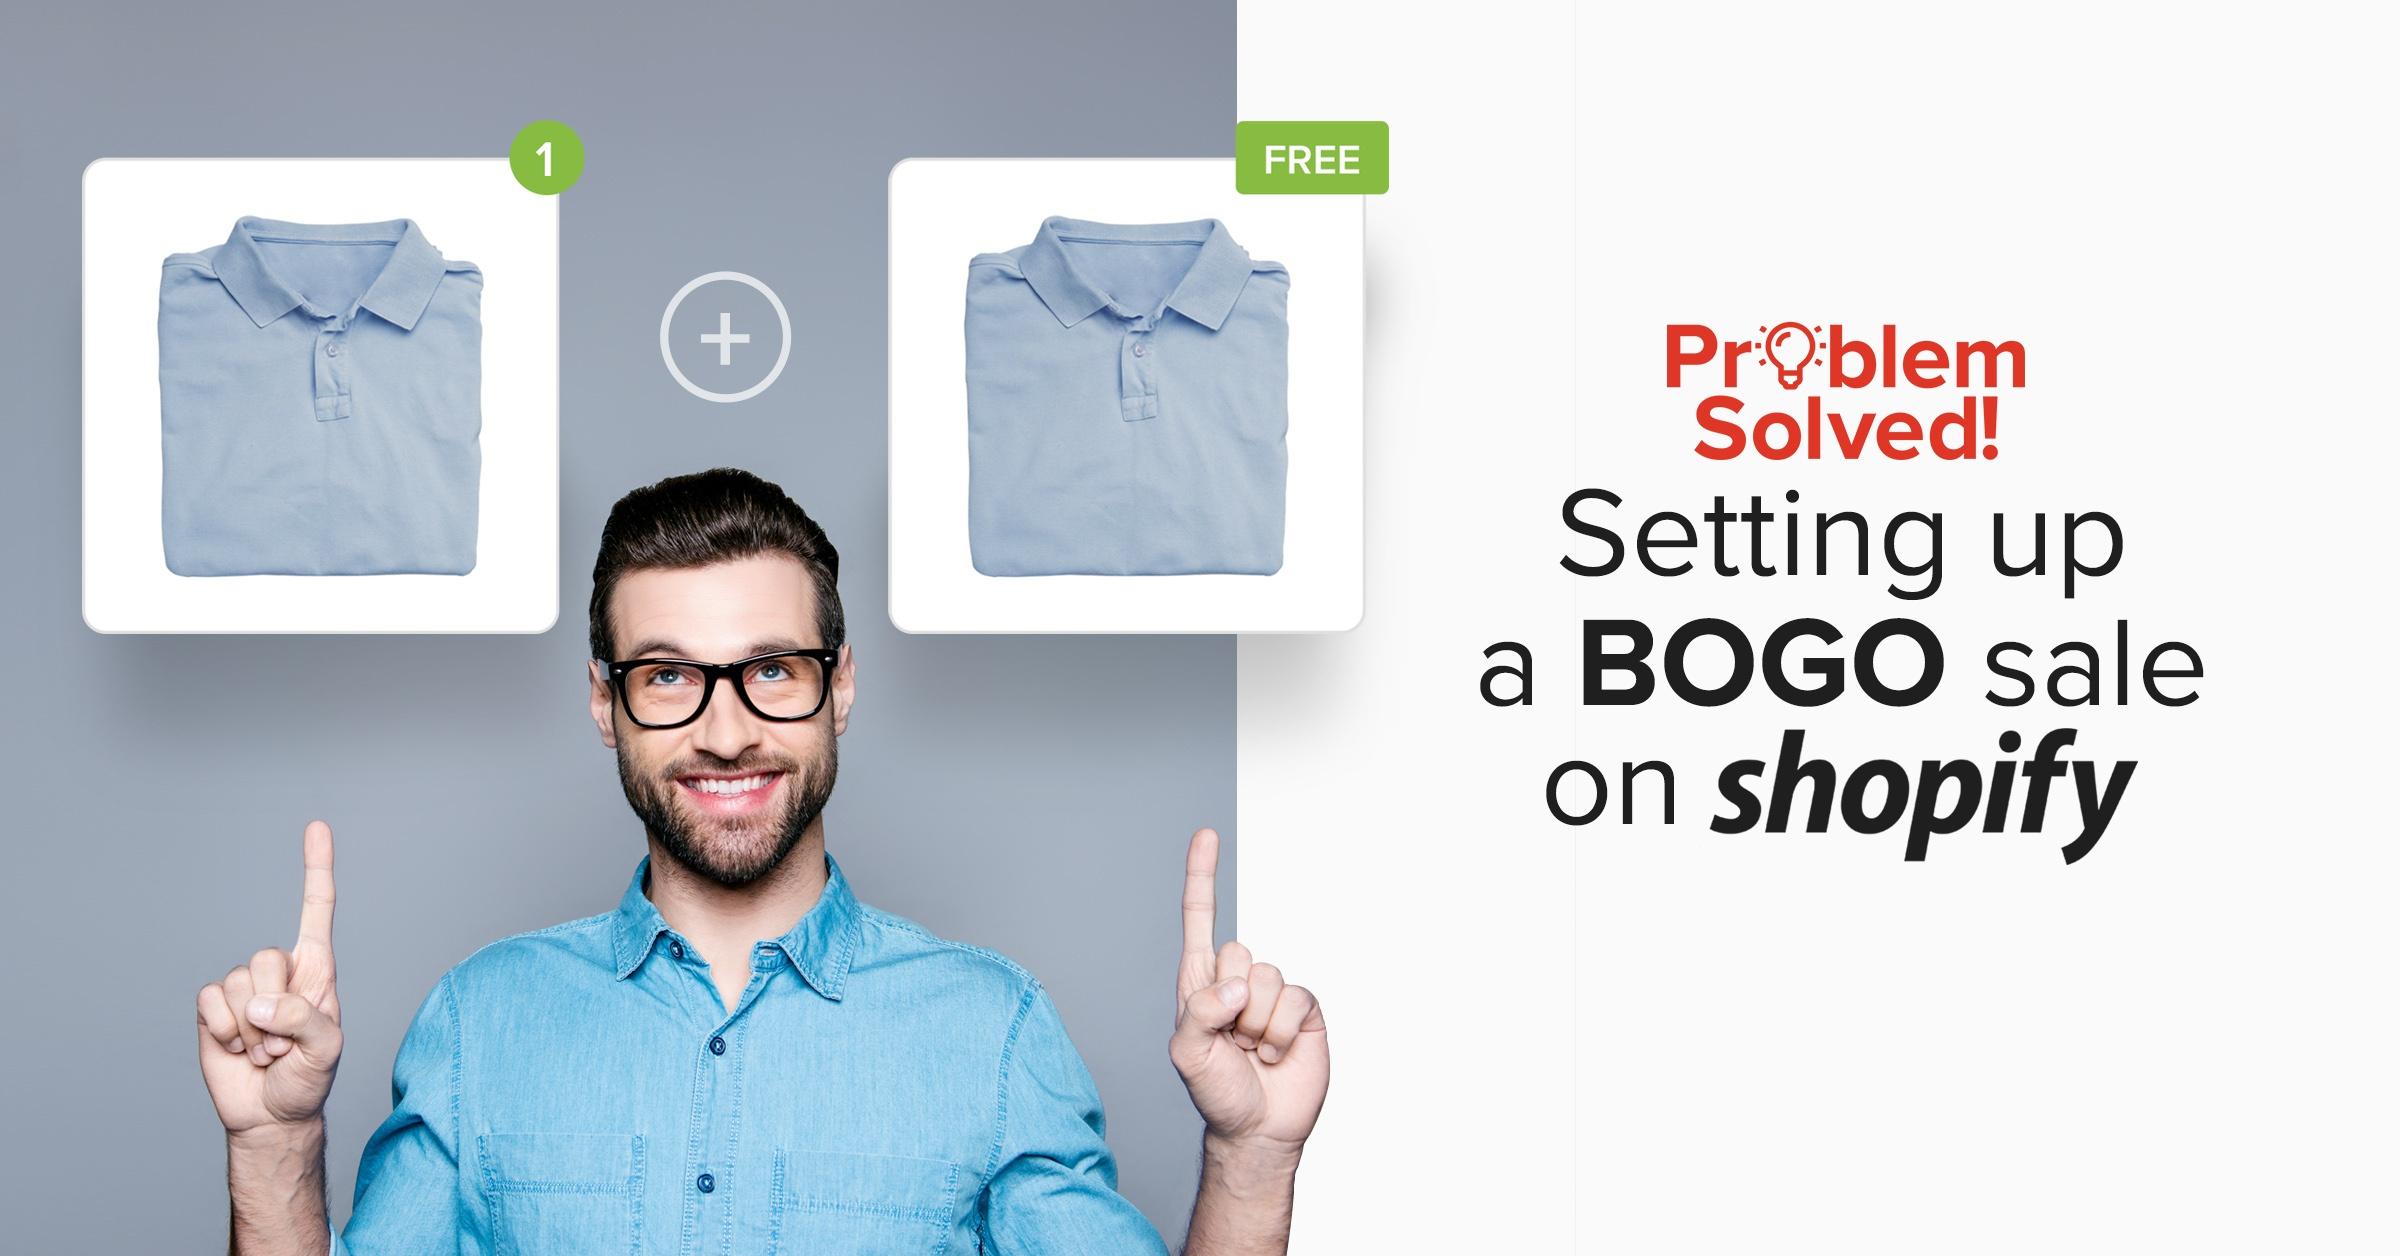 BOGO sale on Shopify